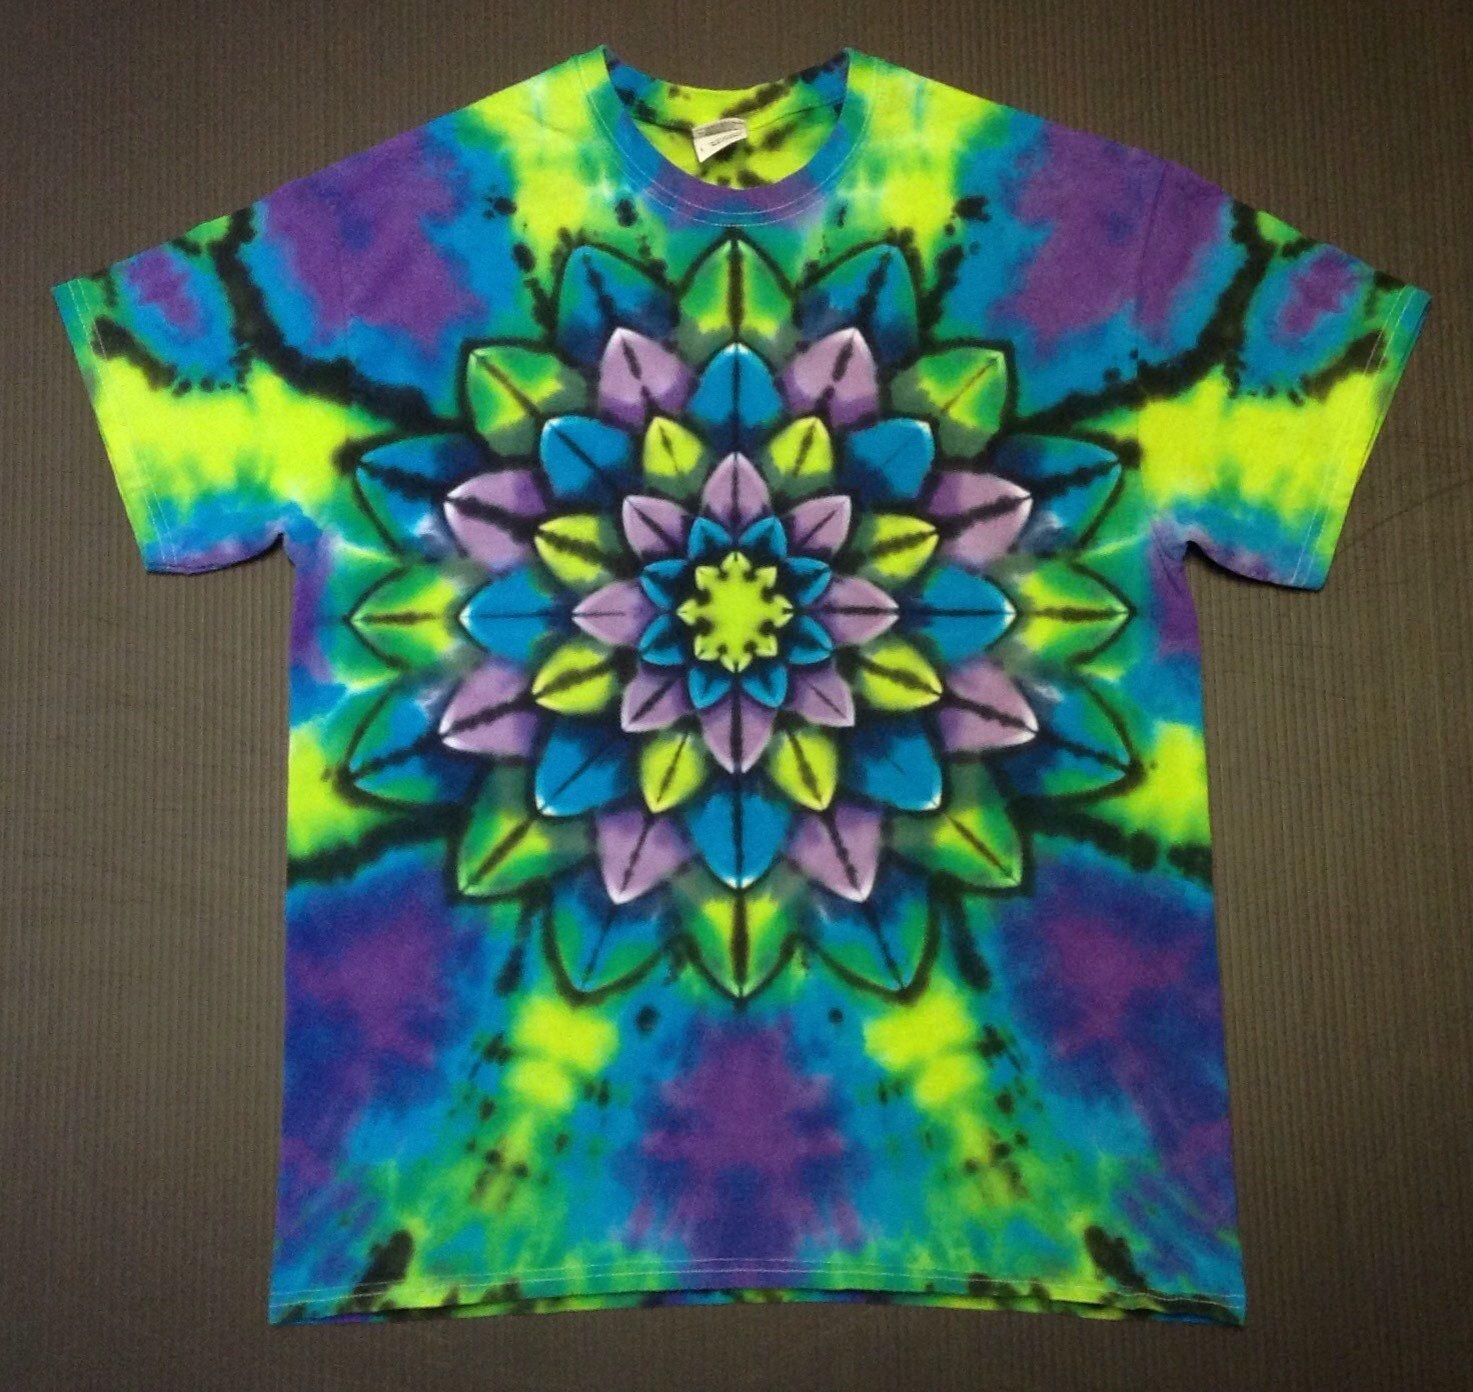 Tie Dye Shirt Tie Dyed Shirt Tiedye Shirt Rainbow Tie Dye Tie